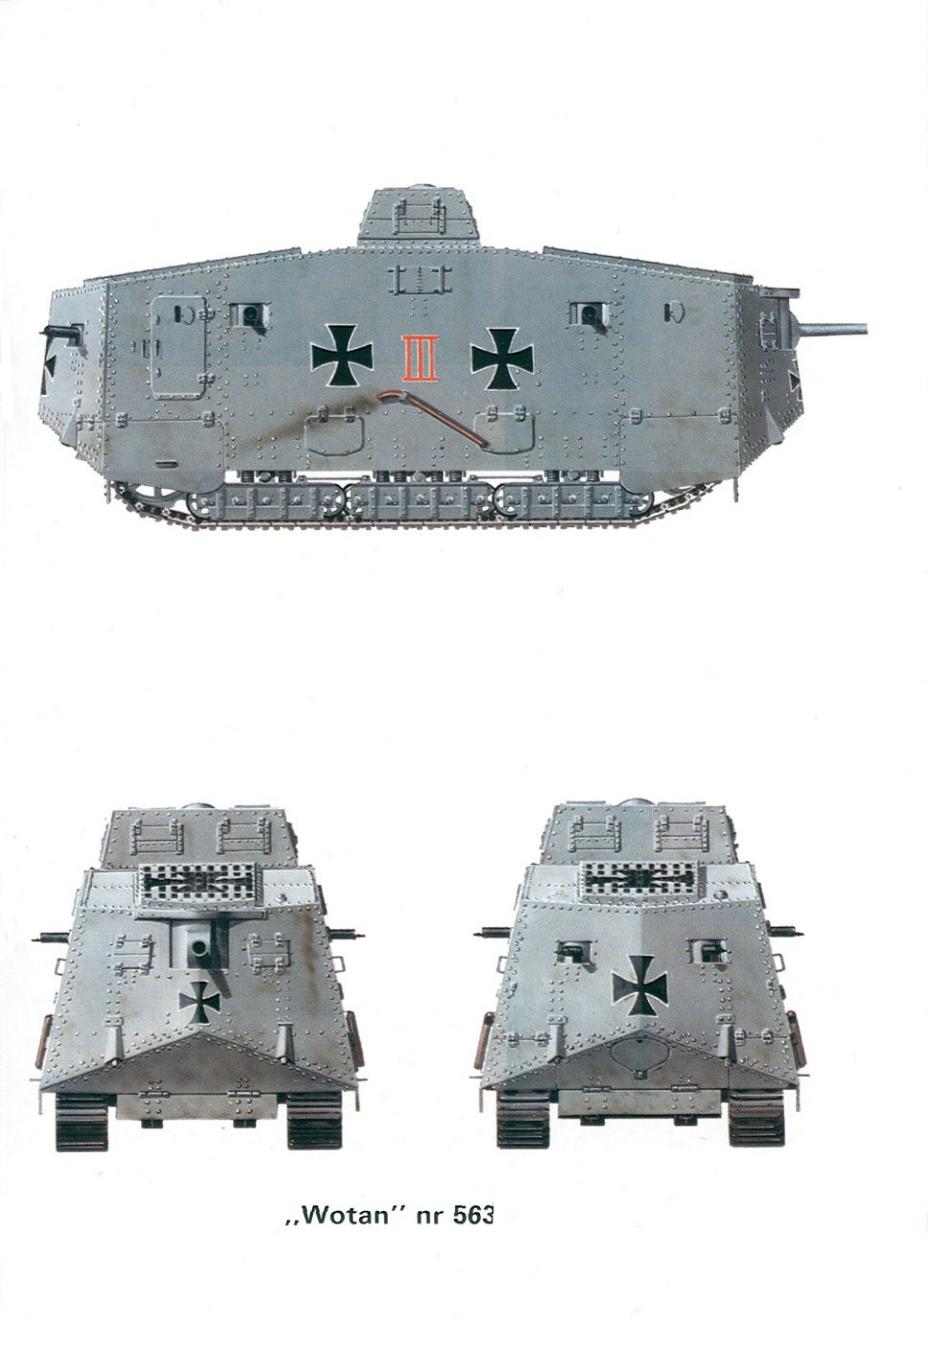 германия | WW1 Panzer | Pinterest